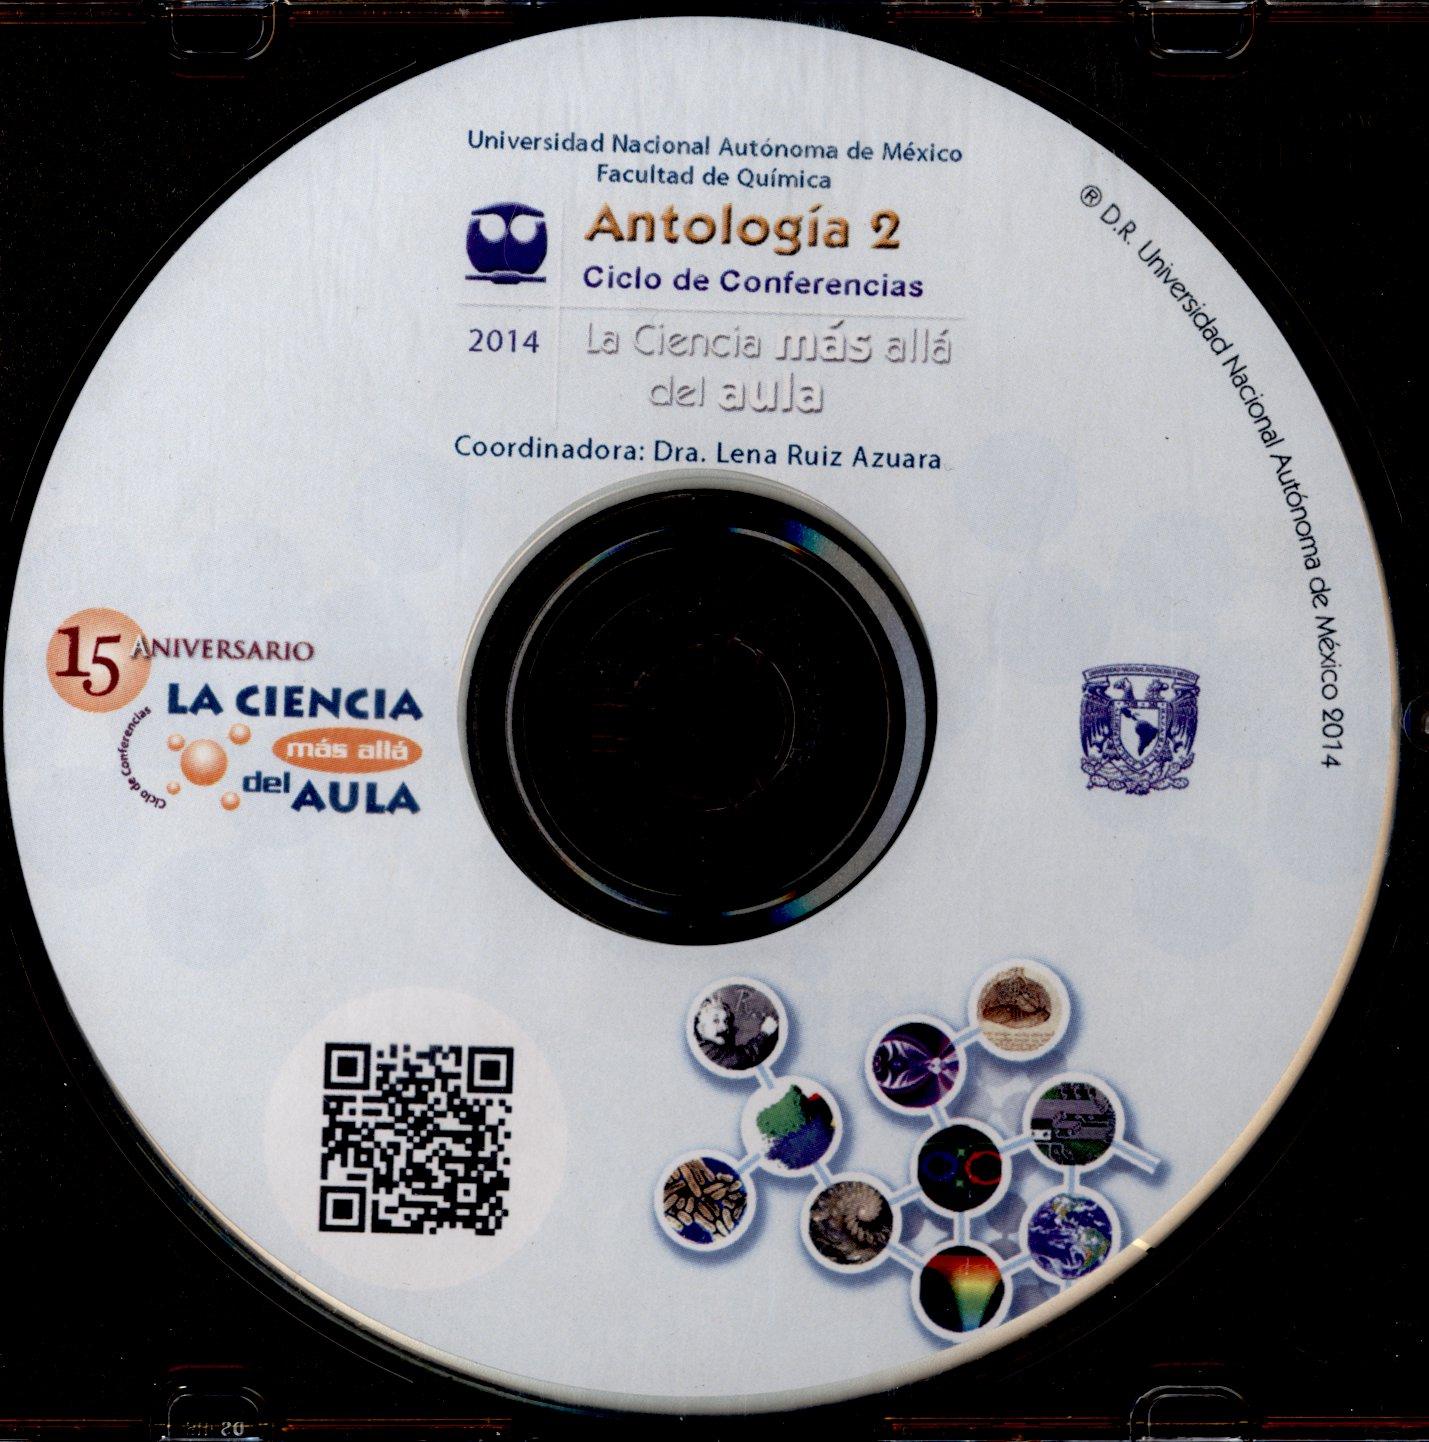 Antología 2 ciclo de conferencias. La ciencia más allá del aula